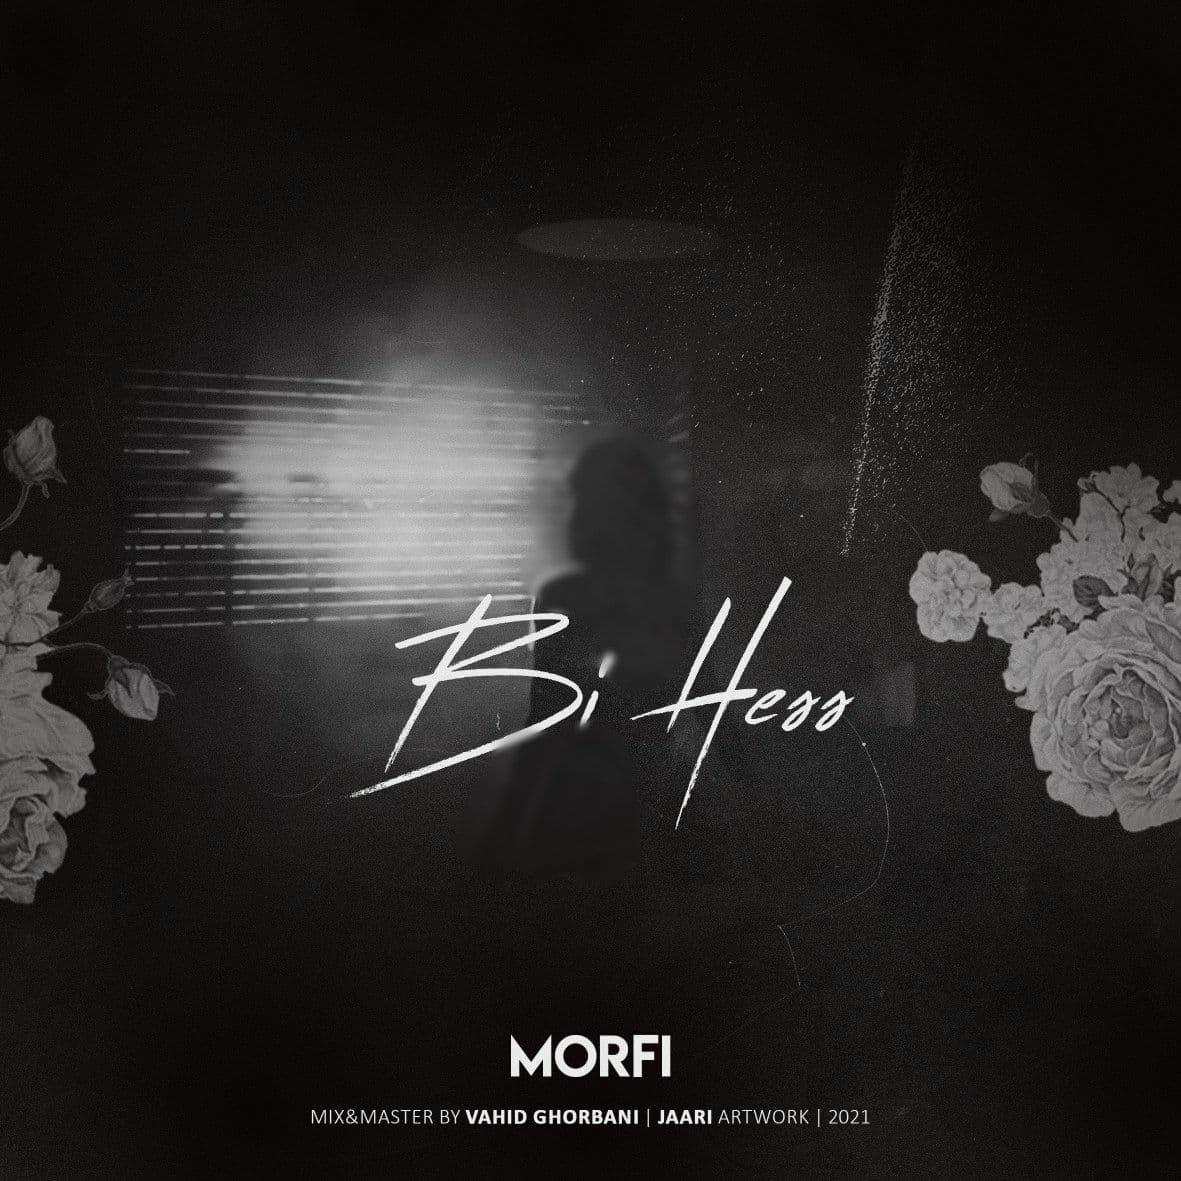 Morfi – Bi Hess